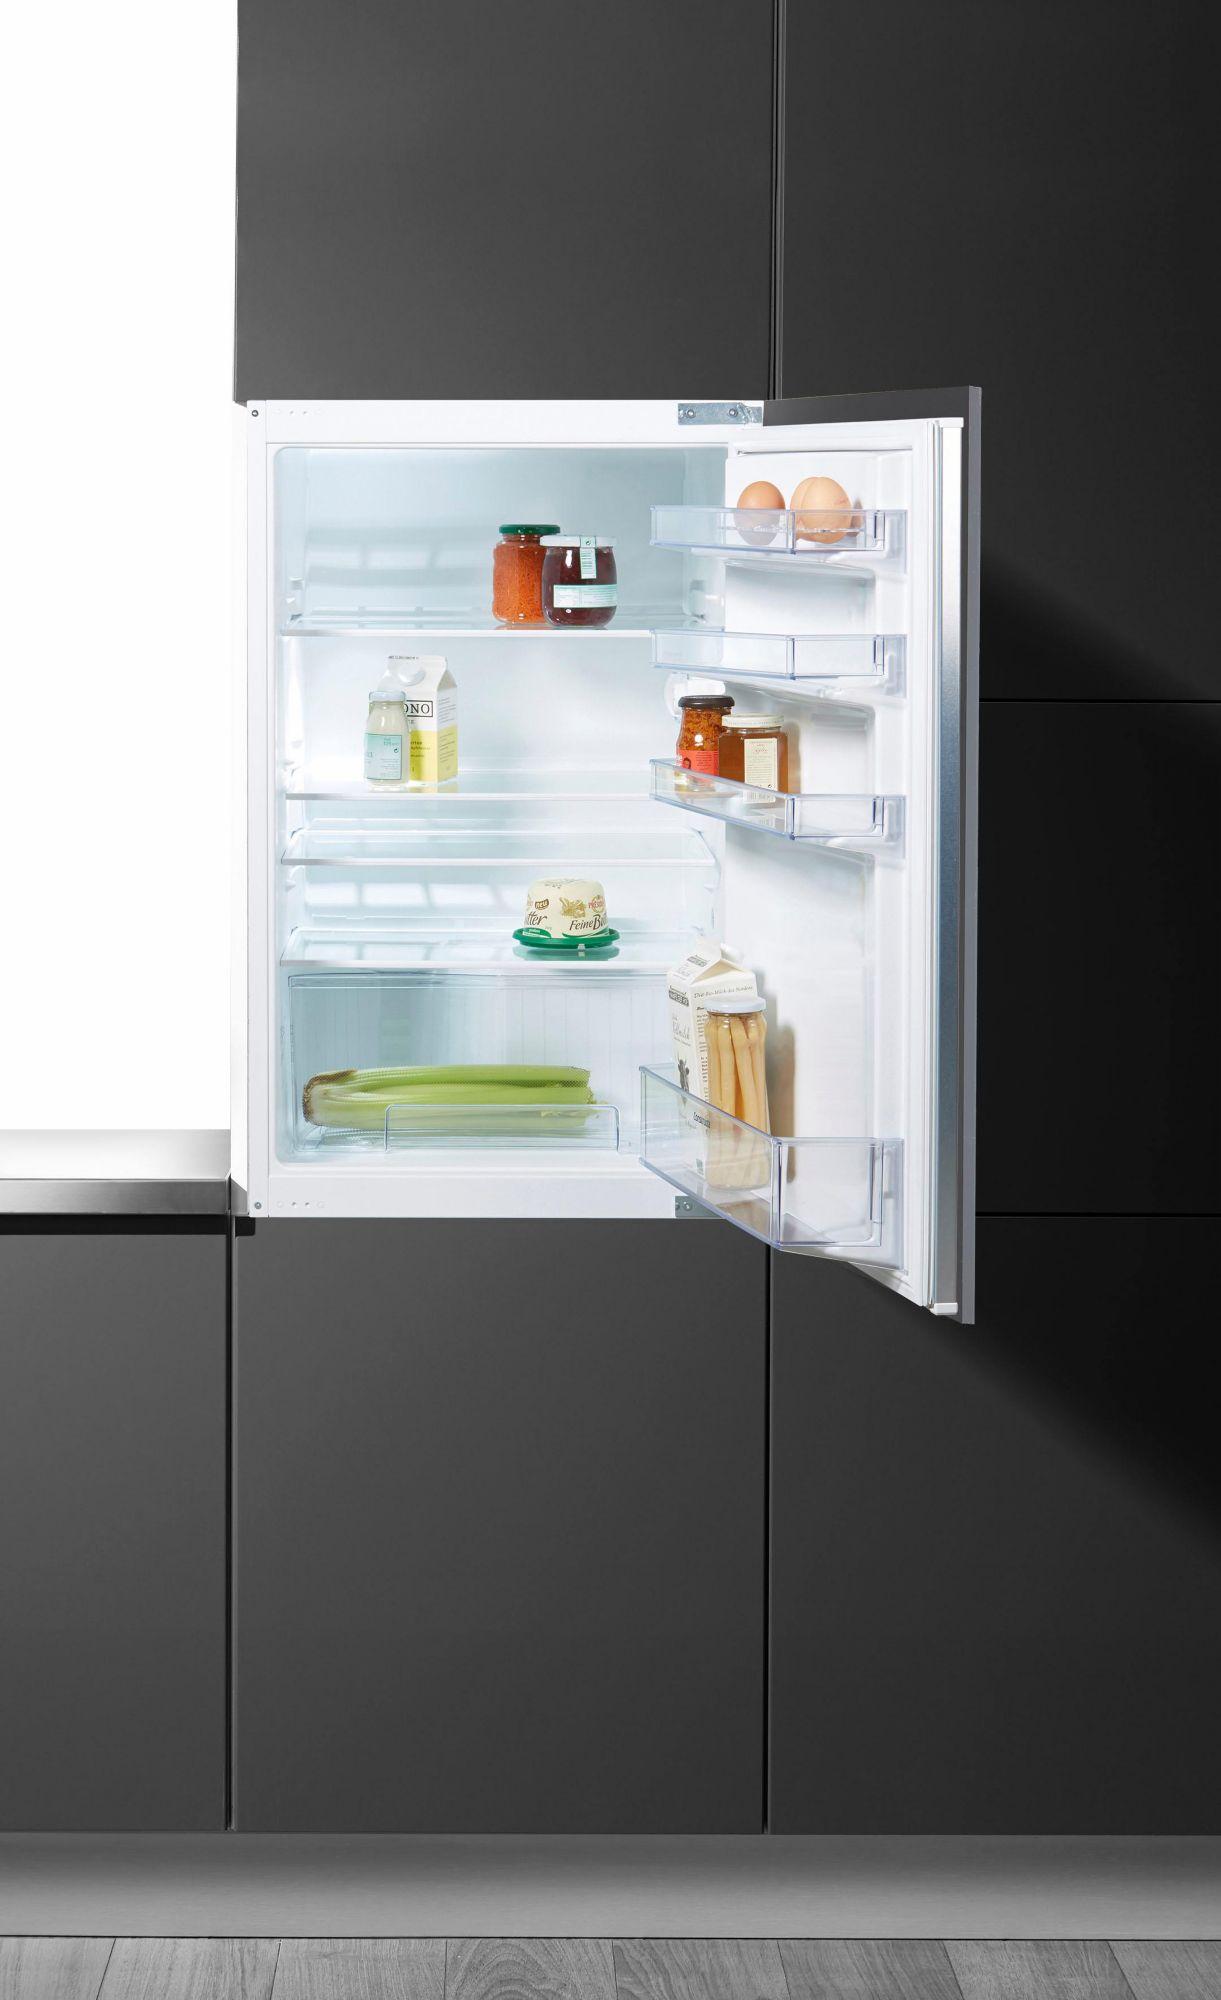 CONSTRUCTA Constructa Integrierbarer Einbaukühlschrank CK60244, Energieklasse A+, 87,4 cm hoch